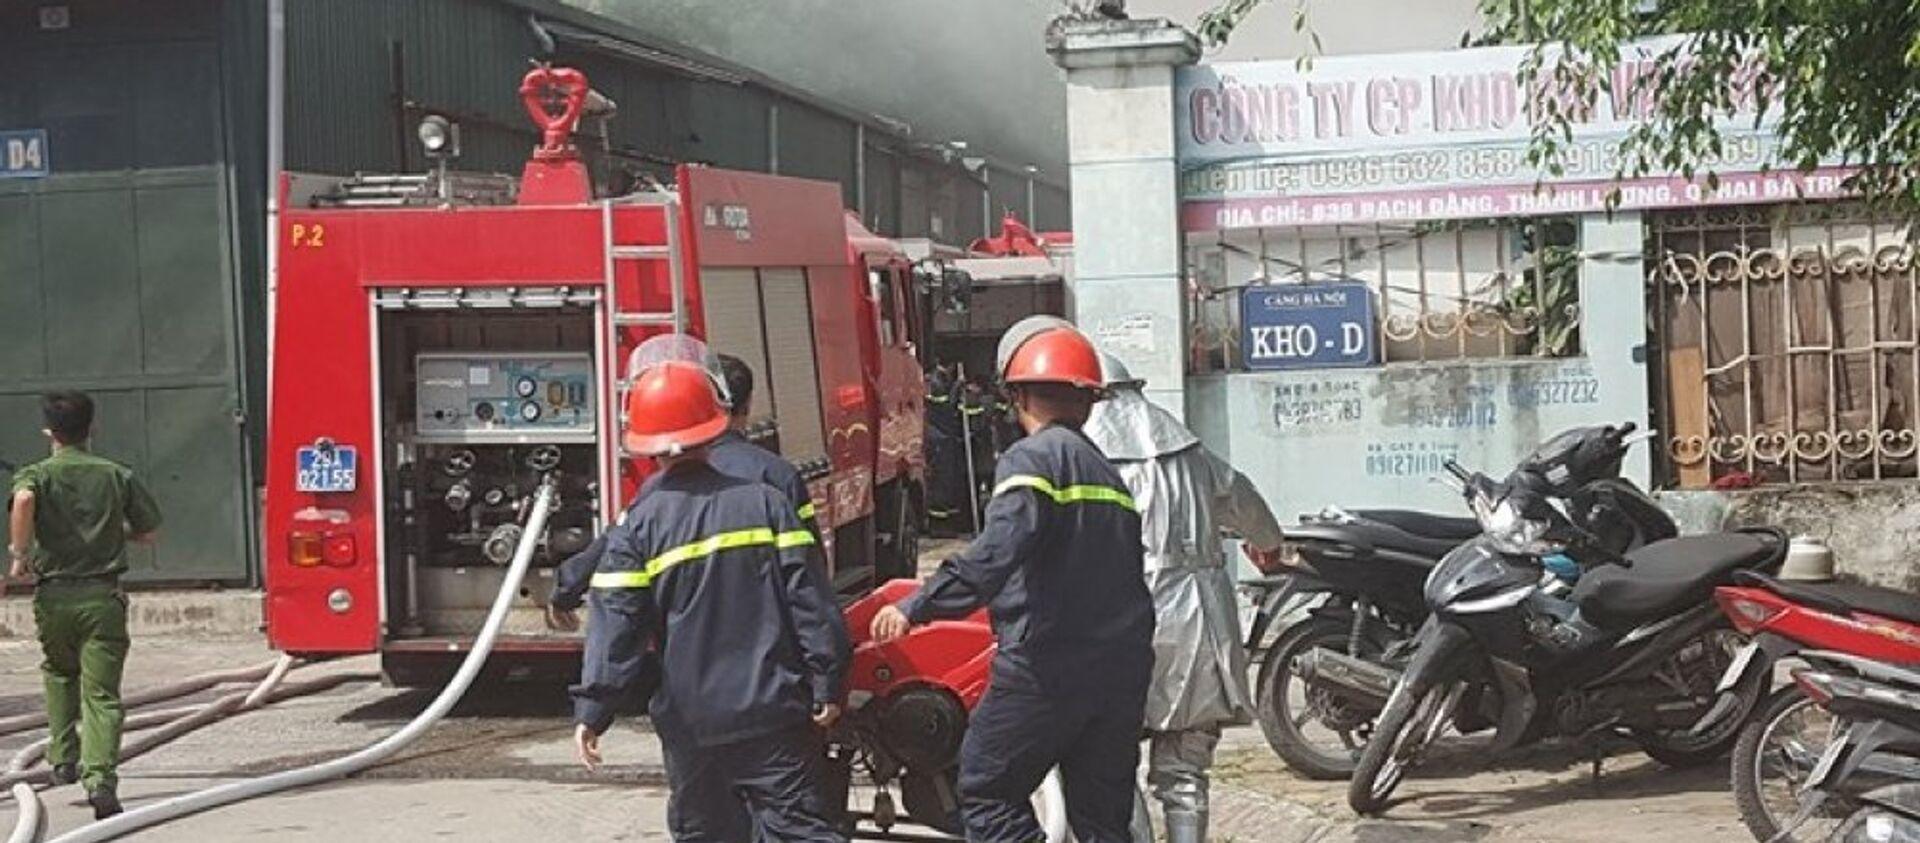 Hàng chục chiến sĩ và 10 xe cứu hỏa được điều động đến hiện trường vụ cháy - Sputnik Việt Nam, 1920, 23.03.2018